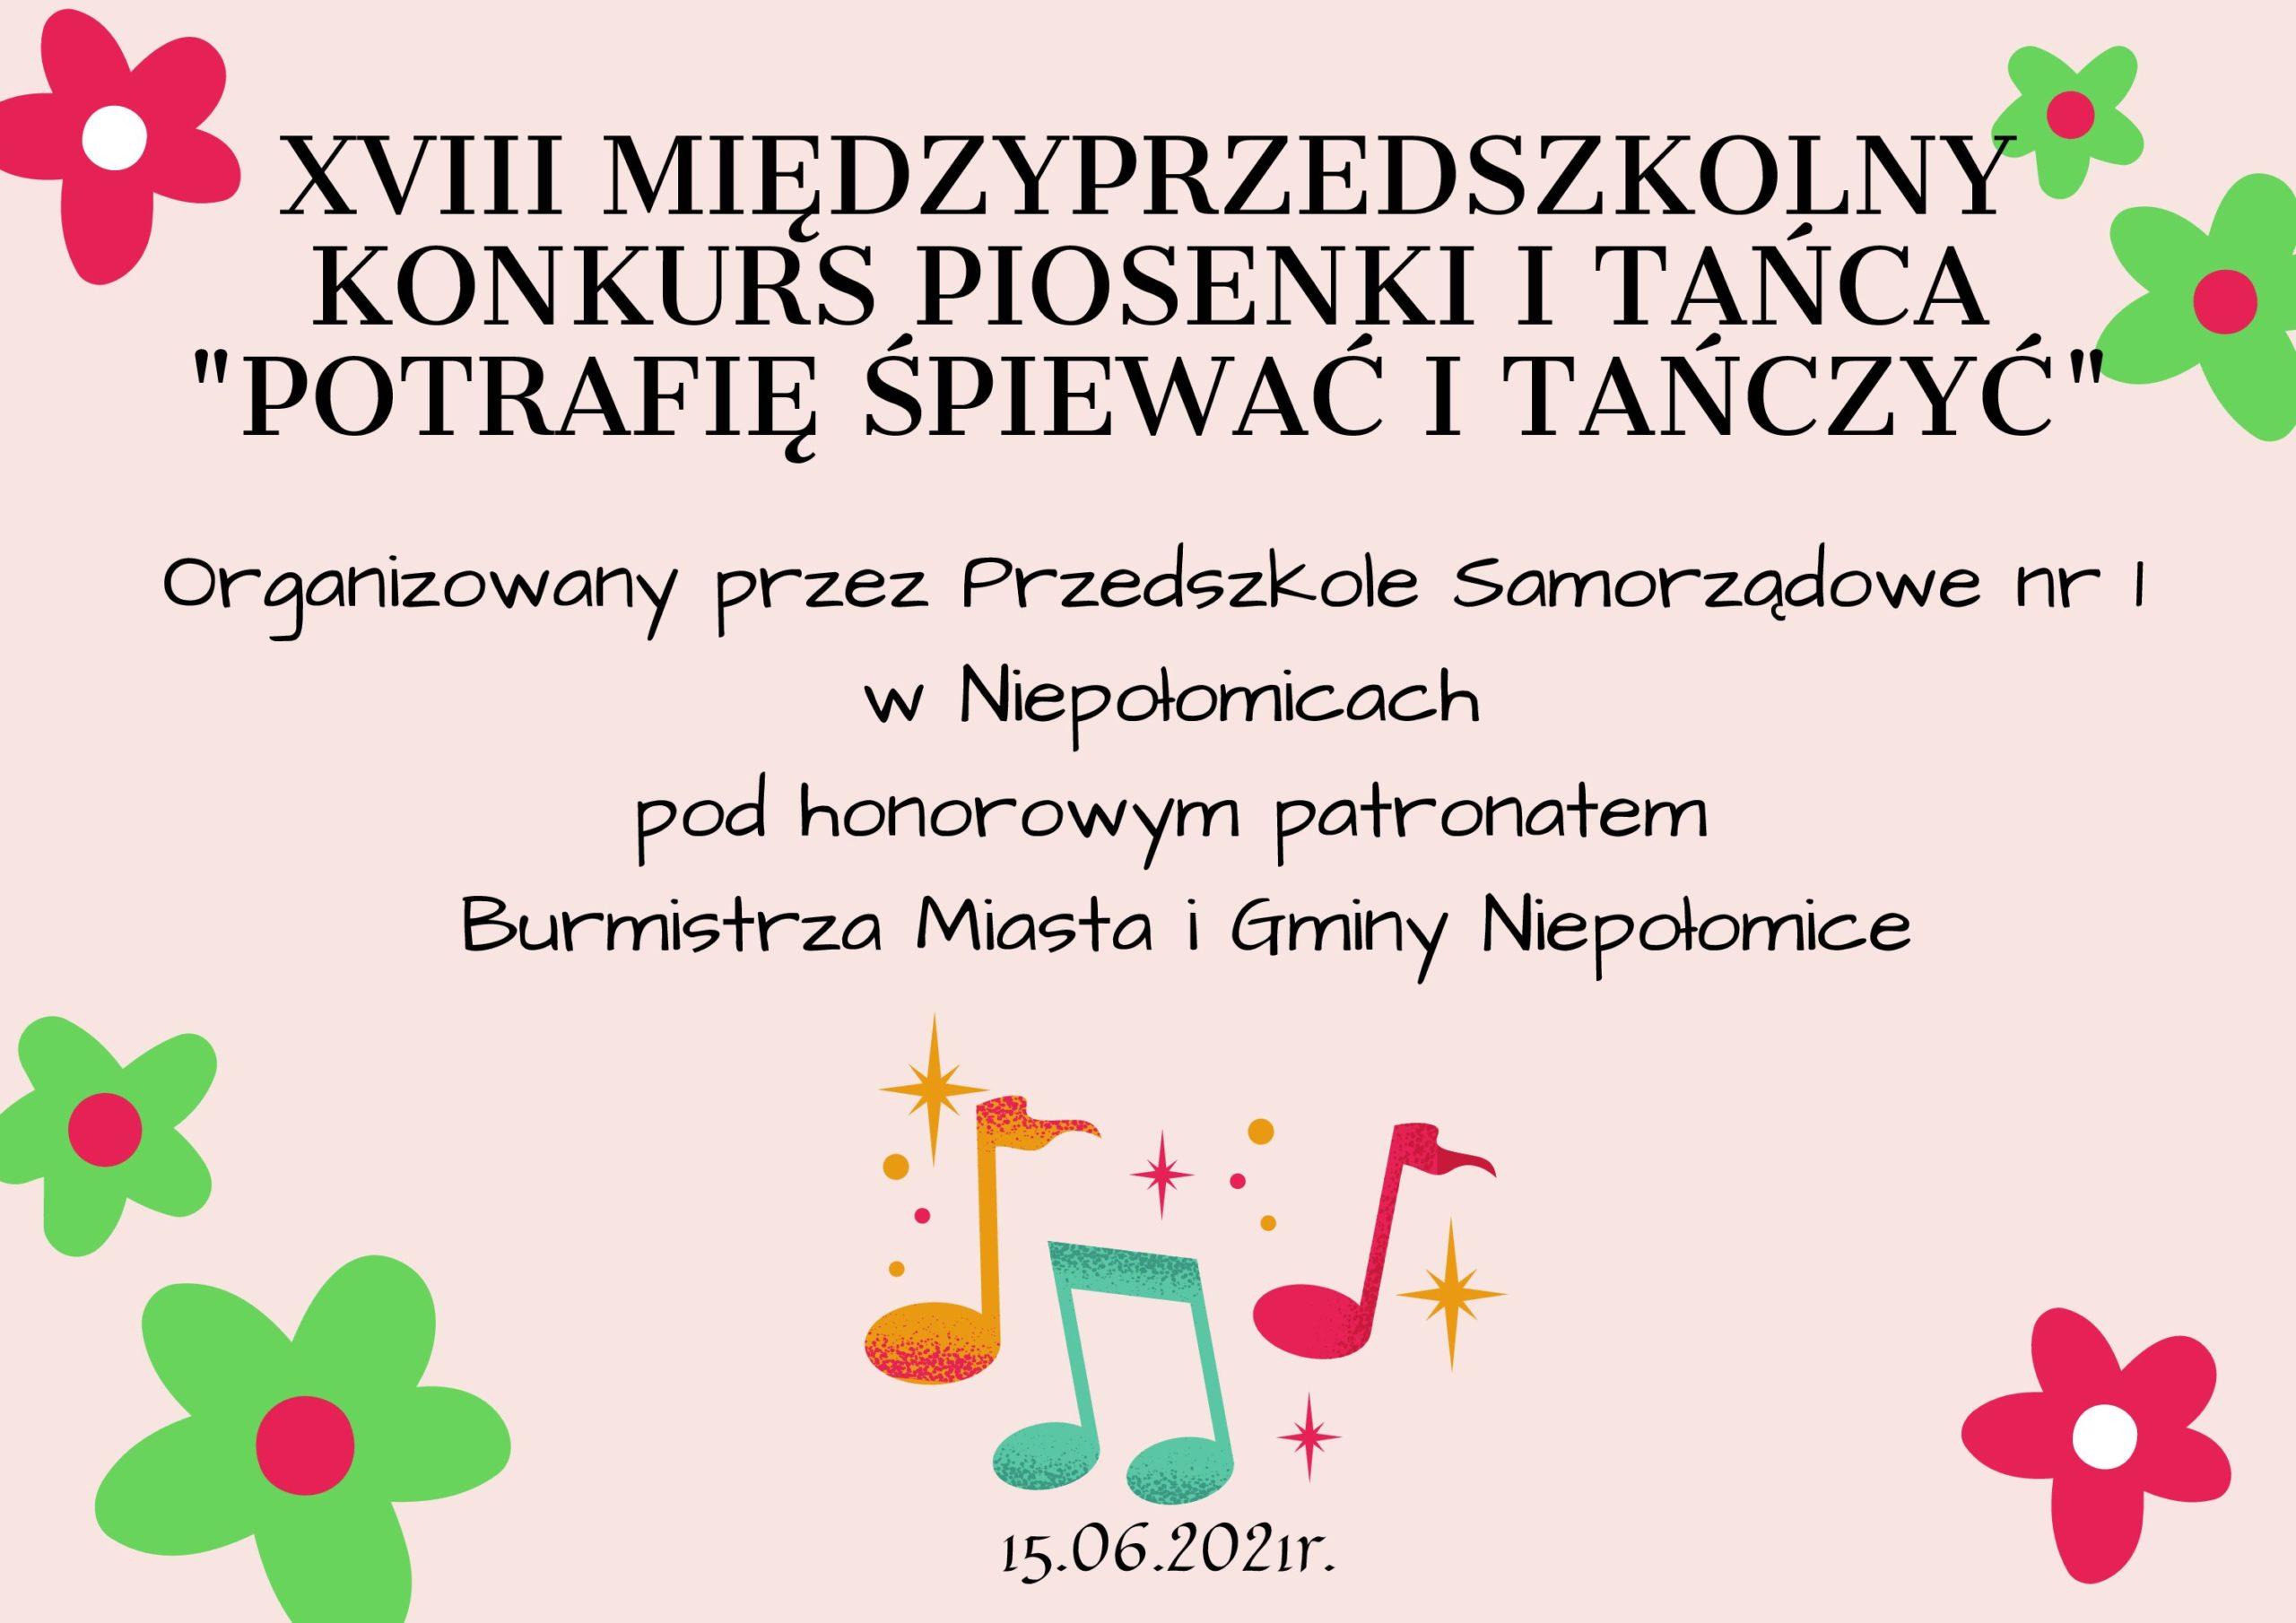 """XVIII Międzyprzedszkolny Konkurs Piosenki i Tańca """"Potrafię Śpiewać i Tańczyć"""" post thumbnail"""